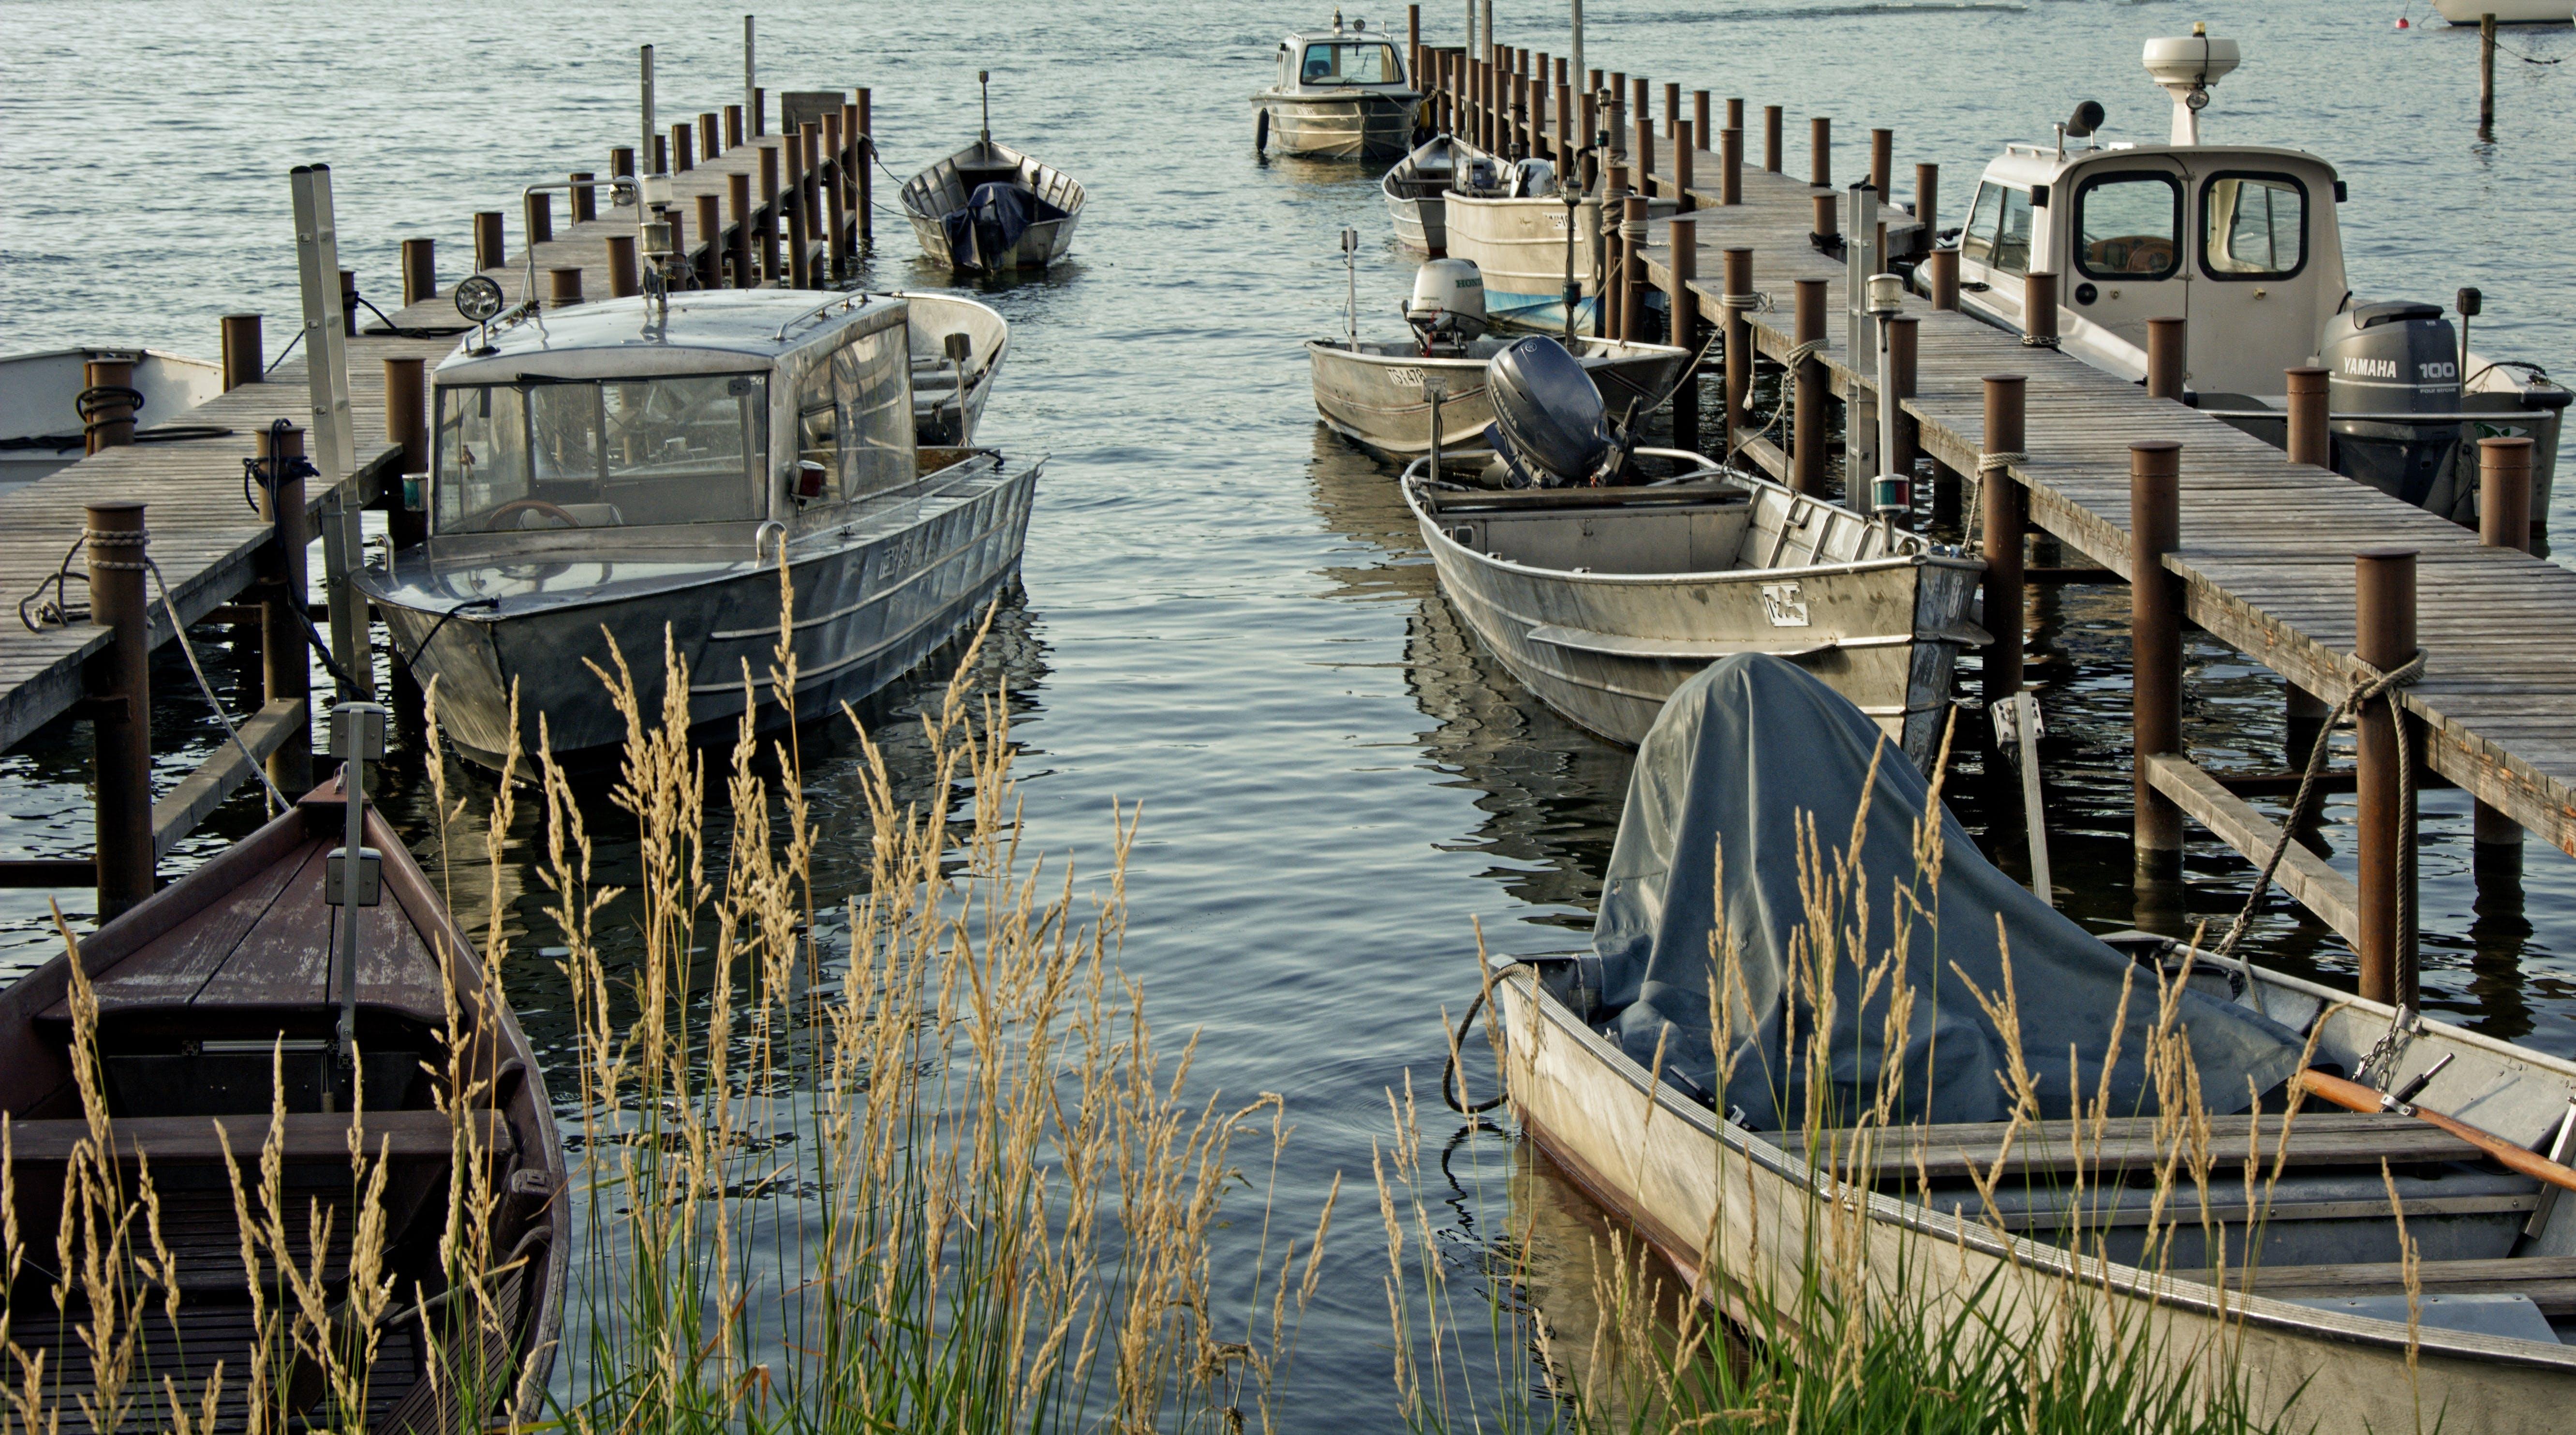 Δωρεάν στοκ φωτογραφιών με βάρκες, γέφυρα, κρασί Πόρτο, νερό